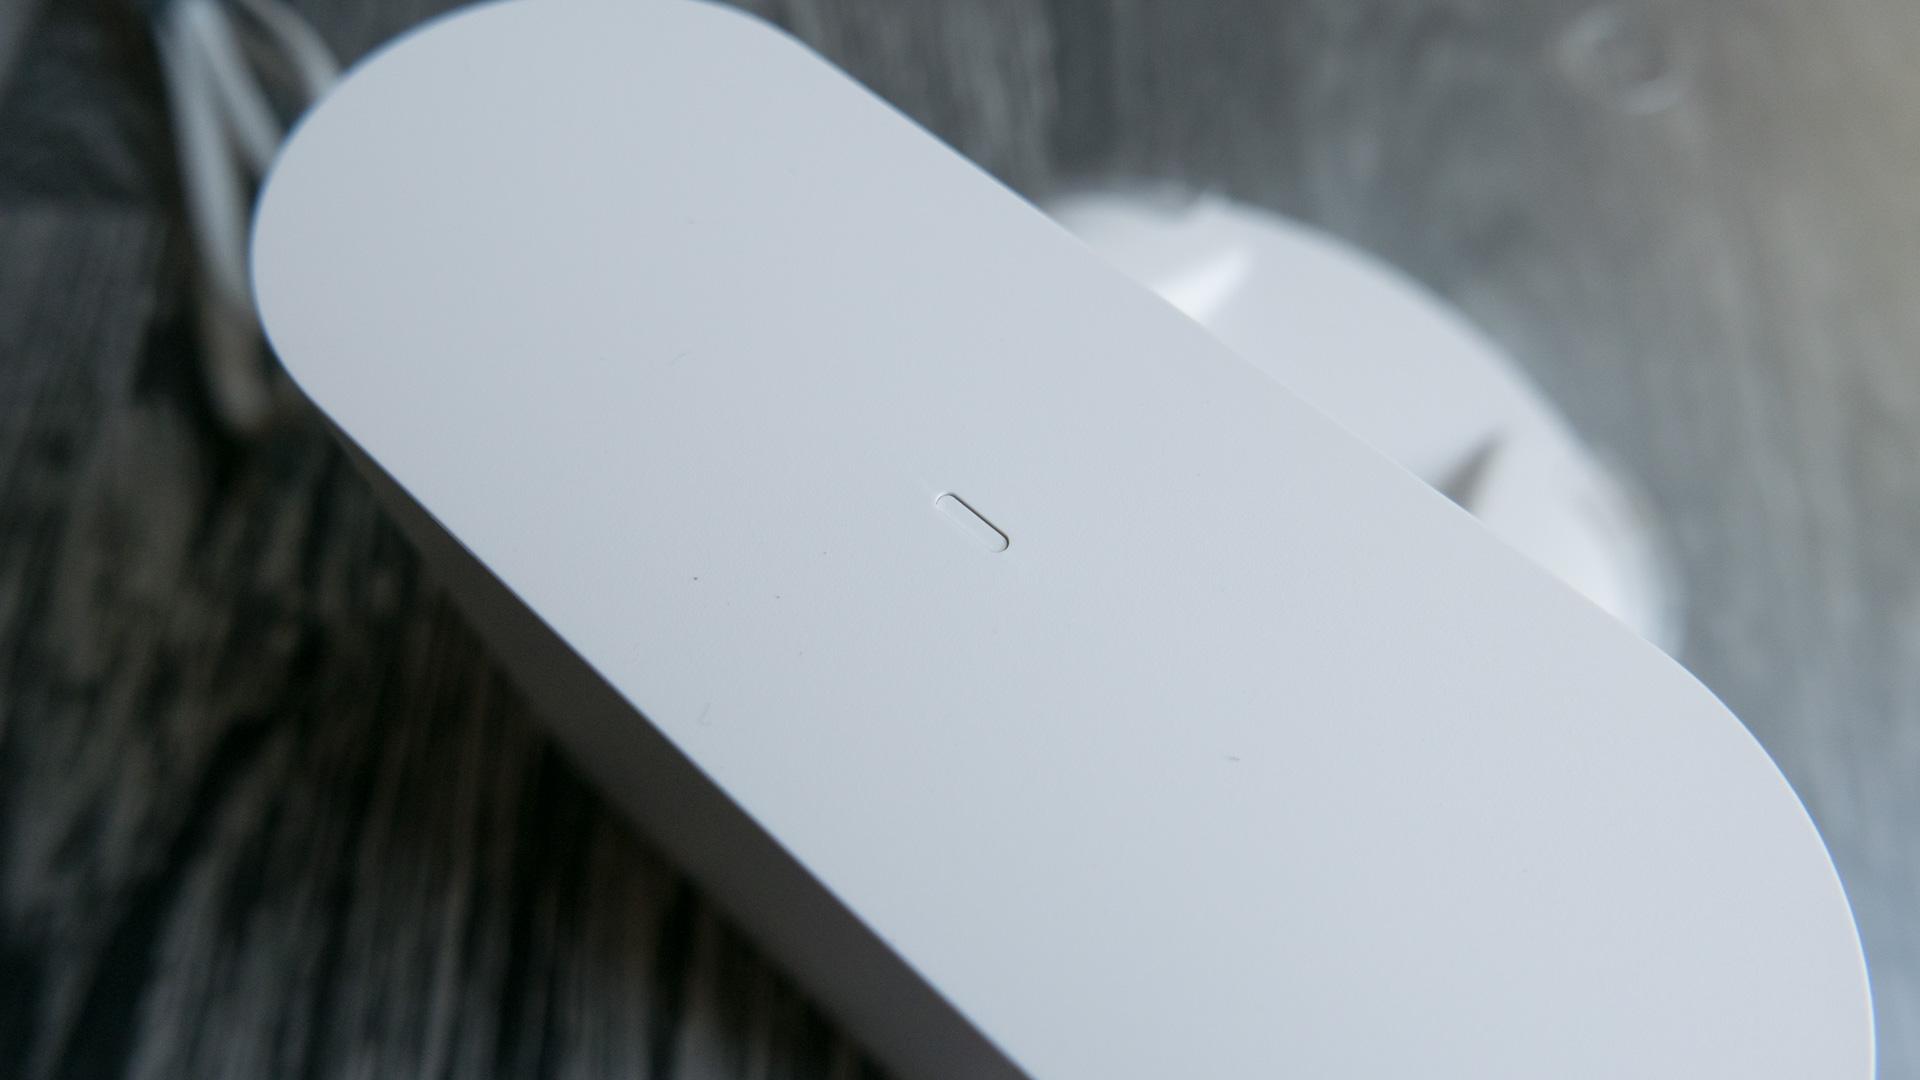 Xiaomi roborock Xiaowa Ladestation 05